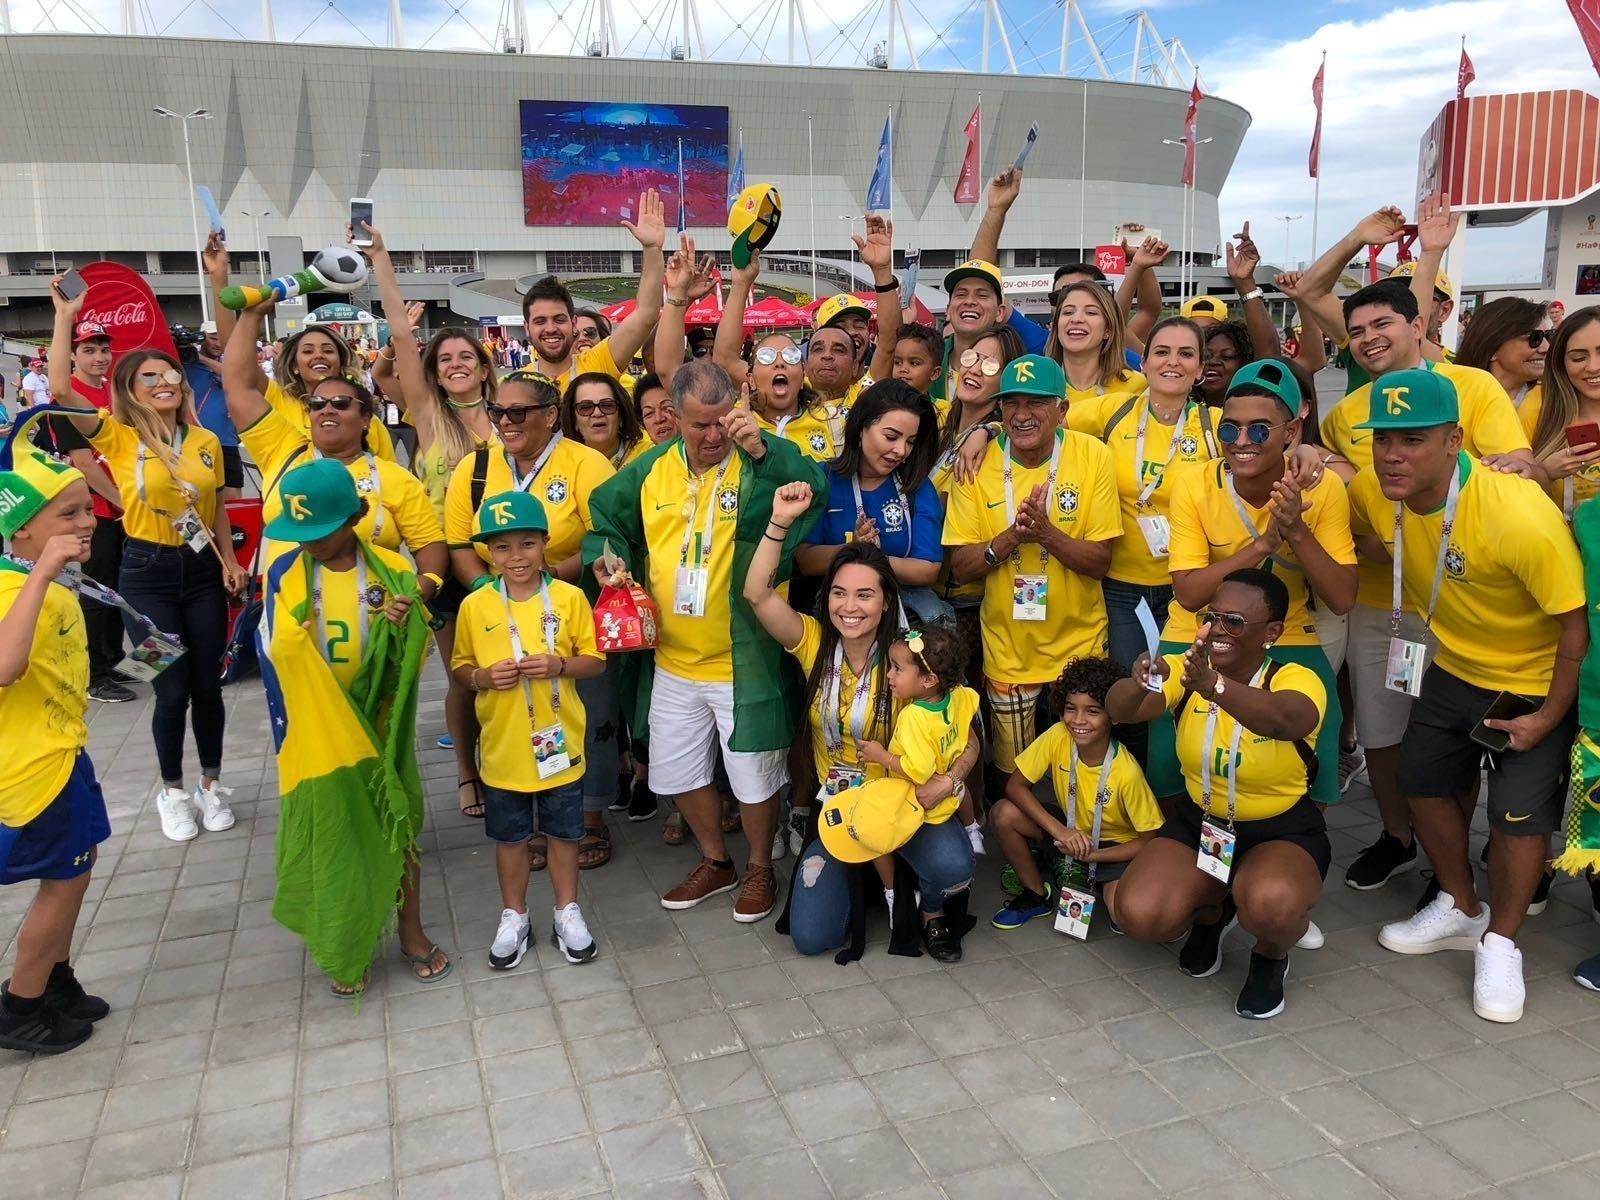 Familiares dos jogadores se reúnem antes da estreia da seleção brasileira